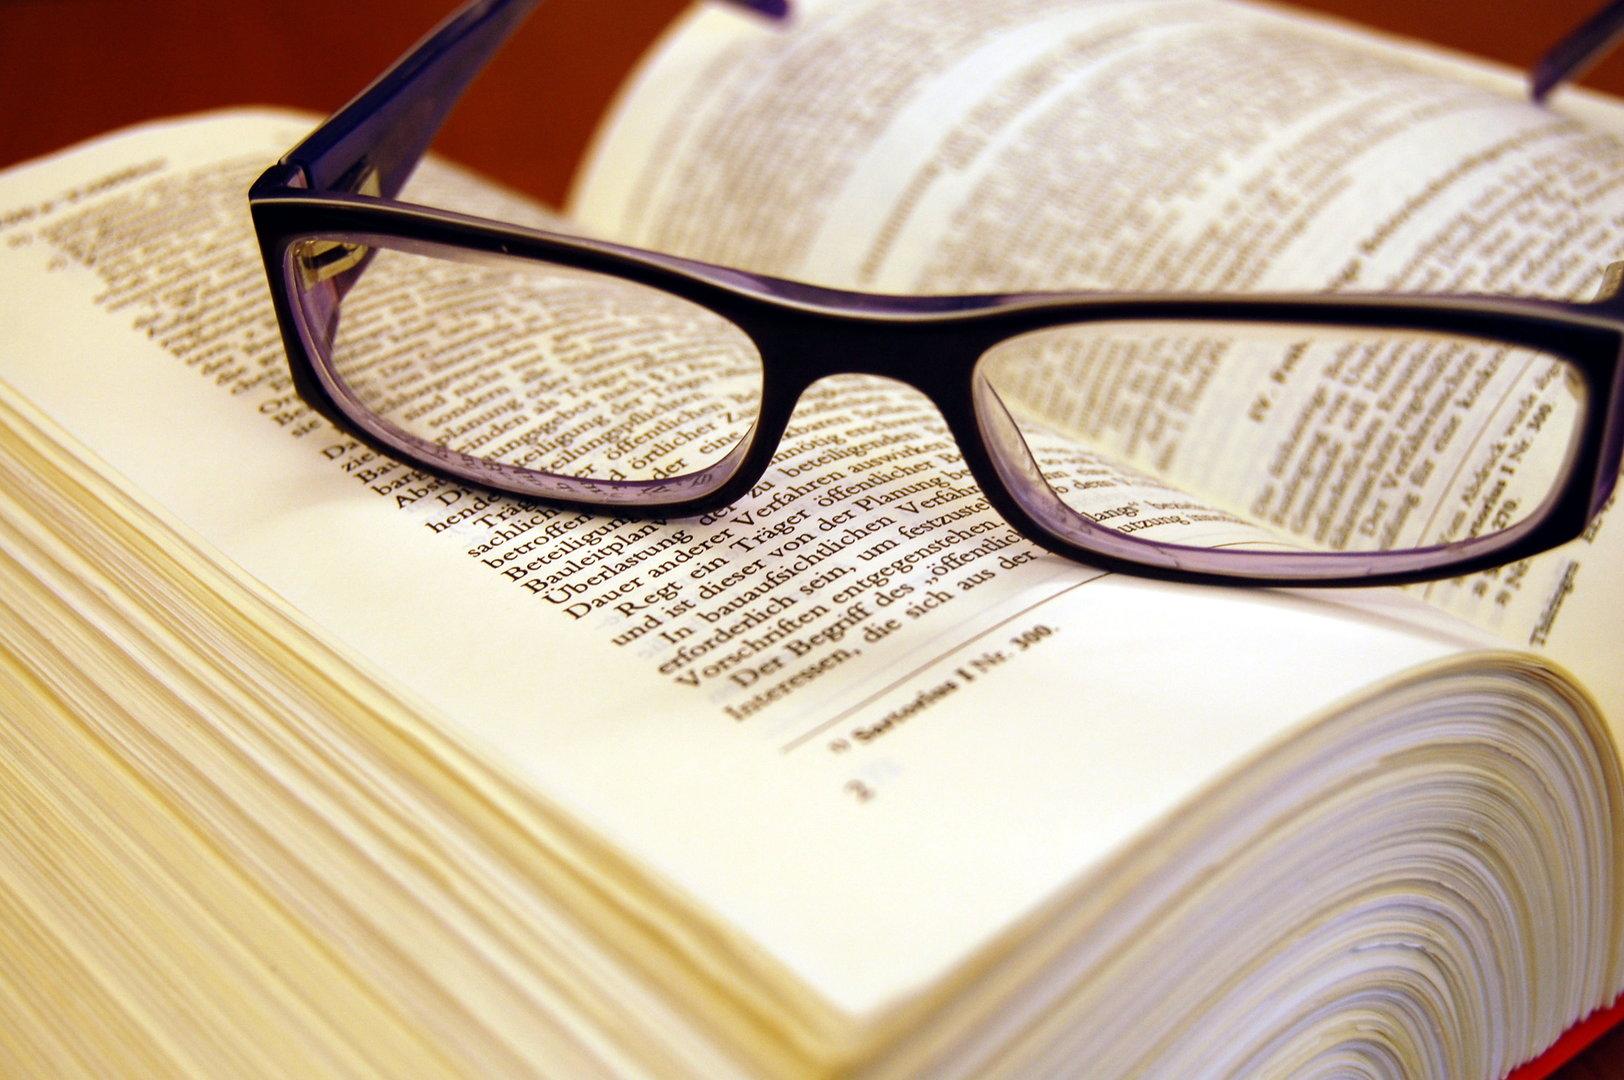 aufgeschlagener Gesetzestext mit aufgelegter Brille